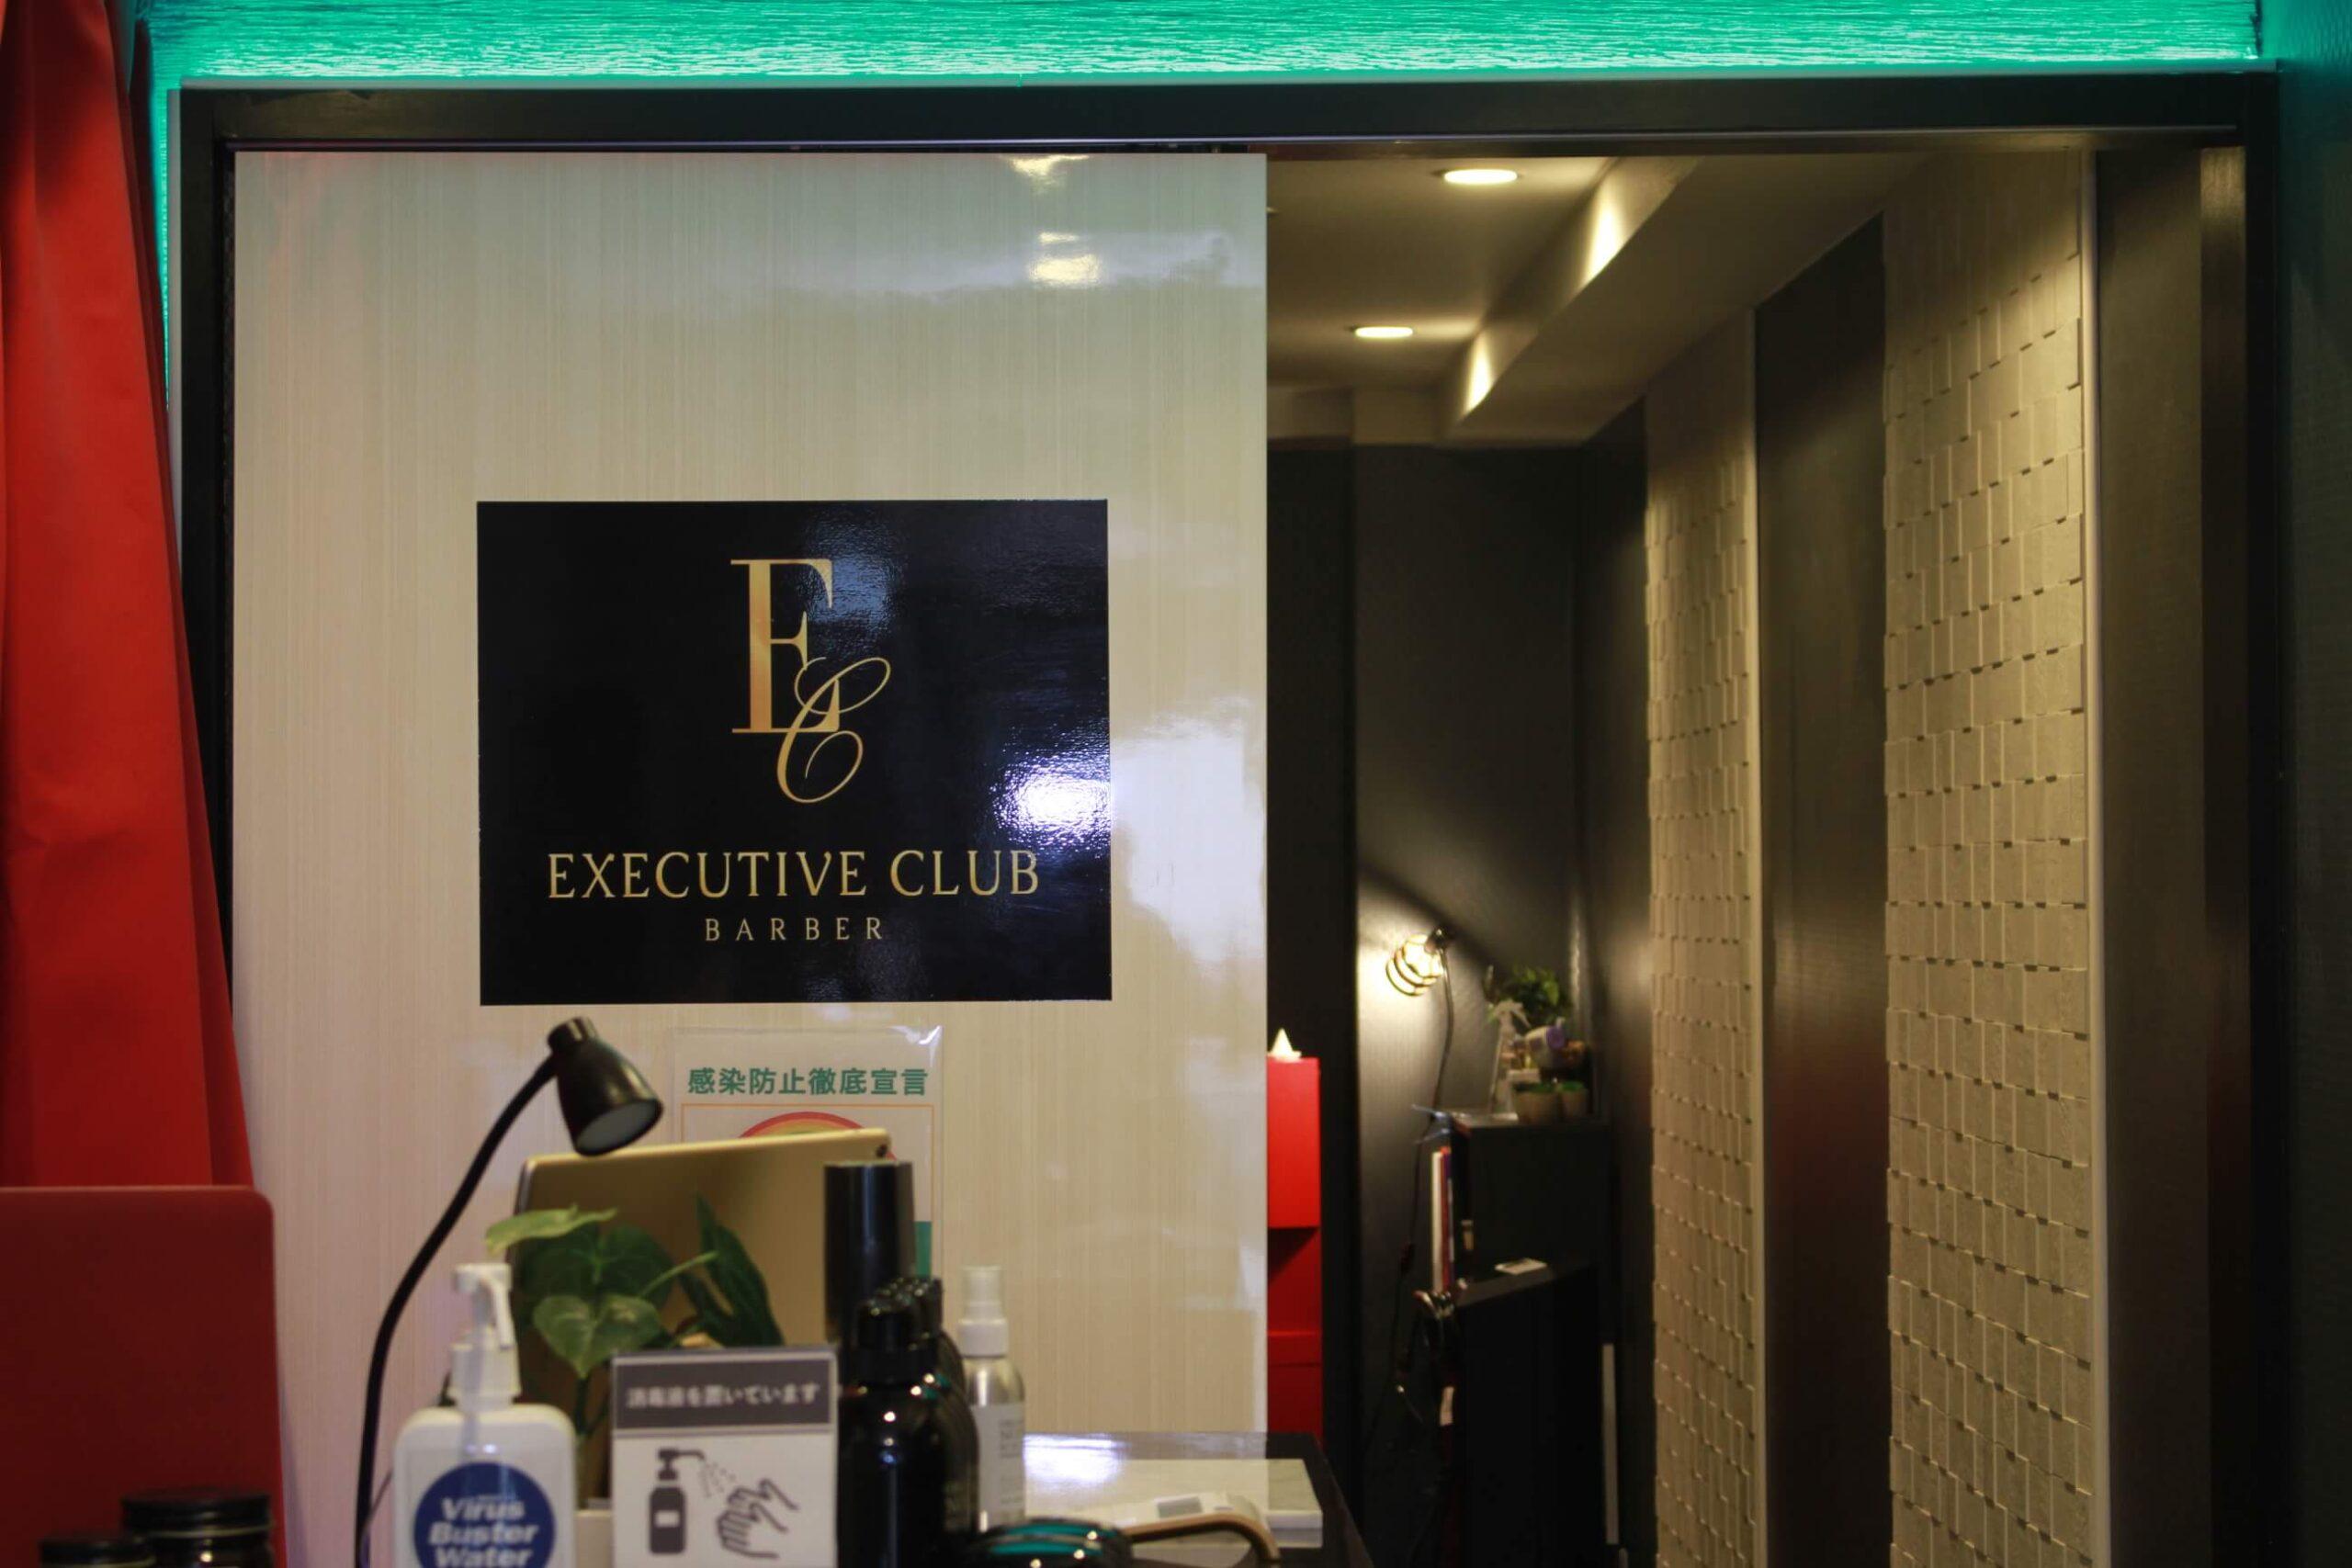 【予防のための除菌施工】EXECUTIVE CLUB BARBER様